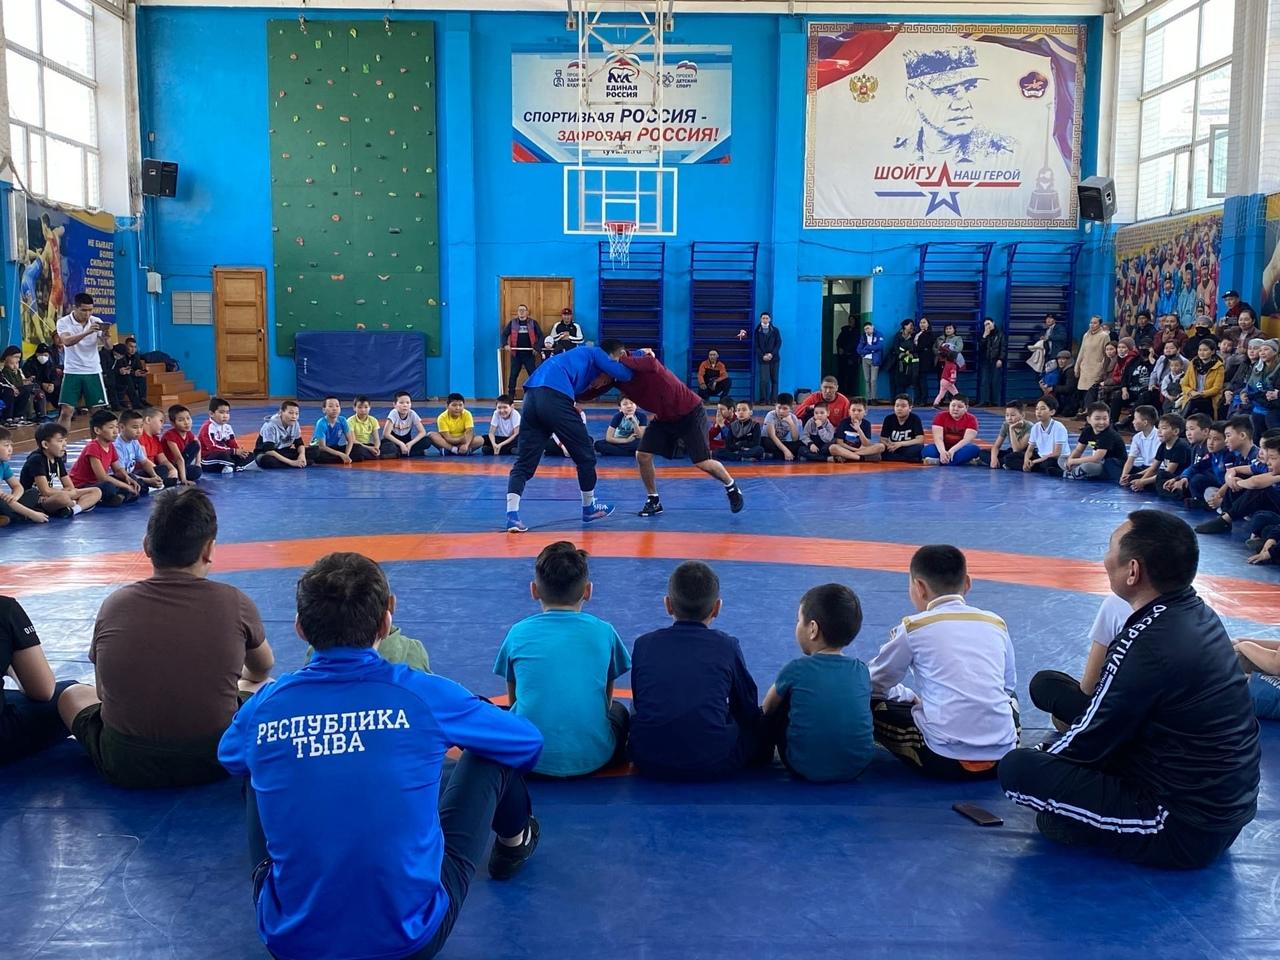 Единая Россия организовала бесплатные секции по вольной борьбе для всех желающих детей